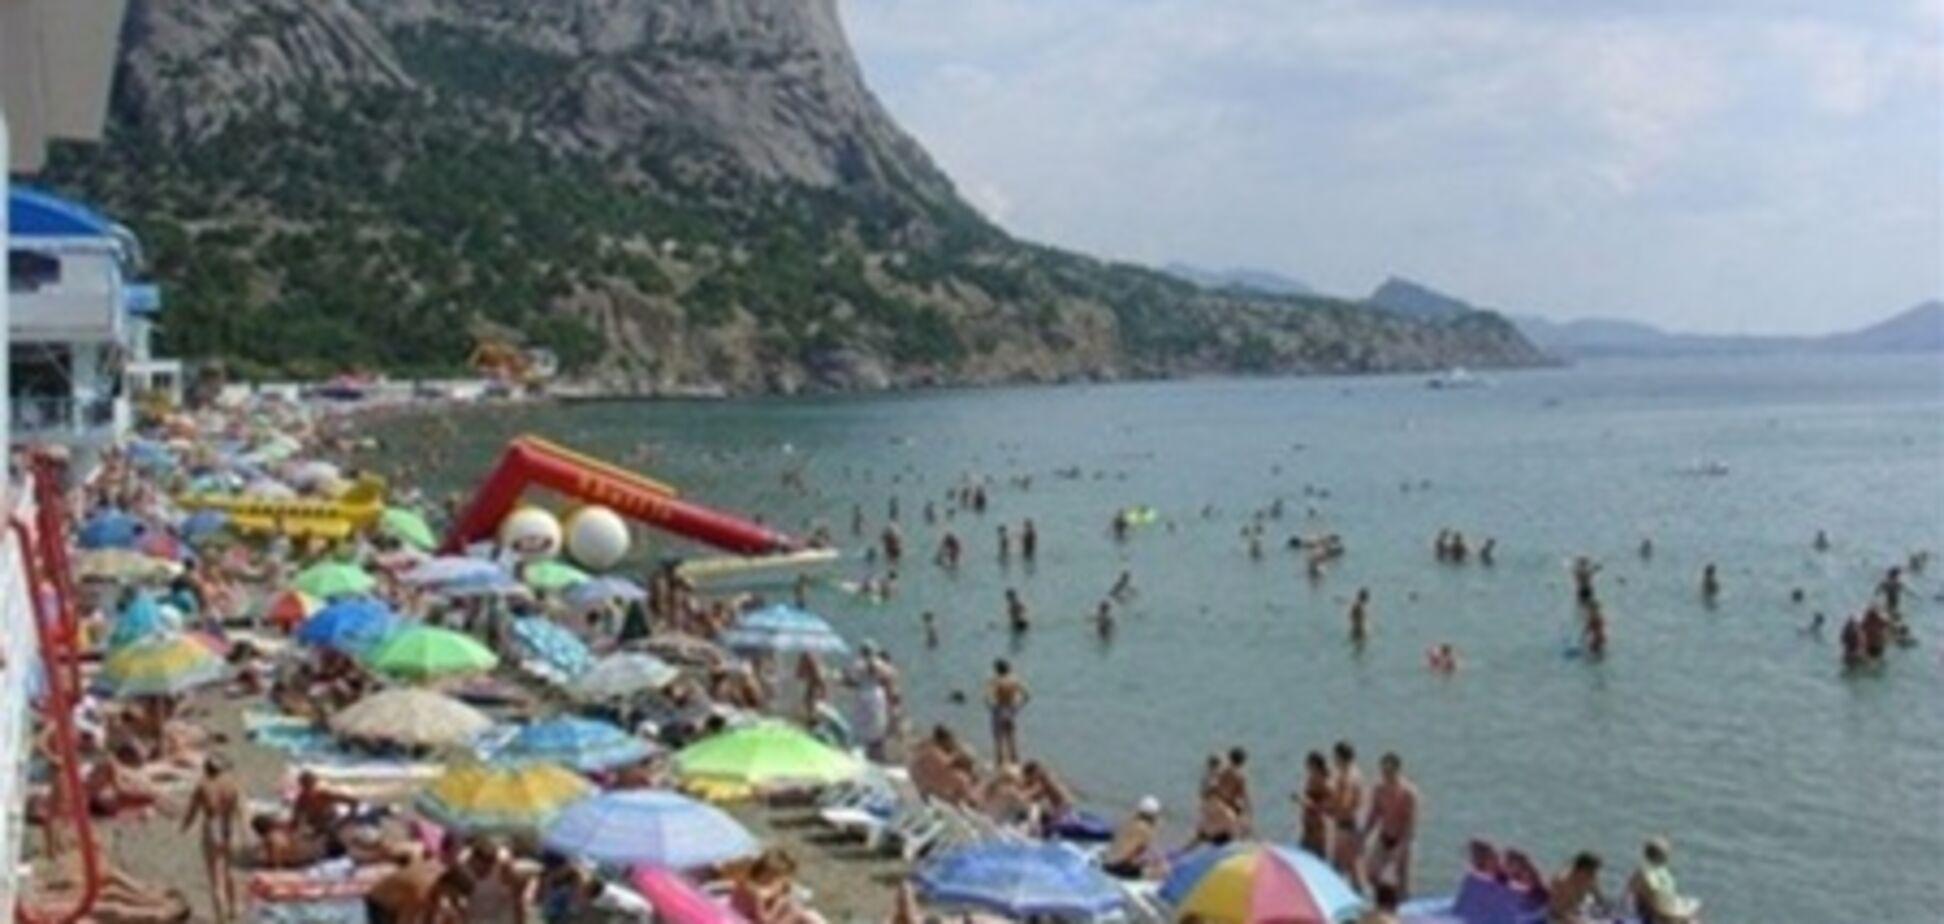 Погода оставила Крым без туристов